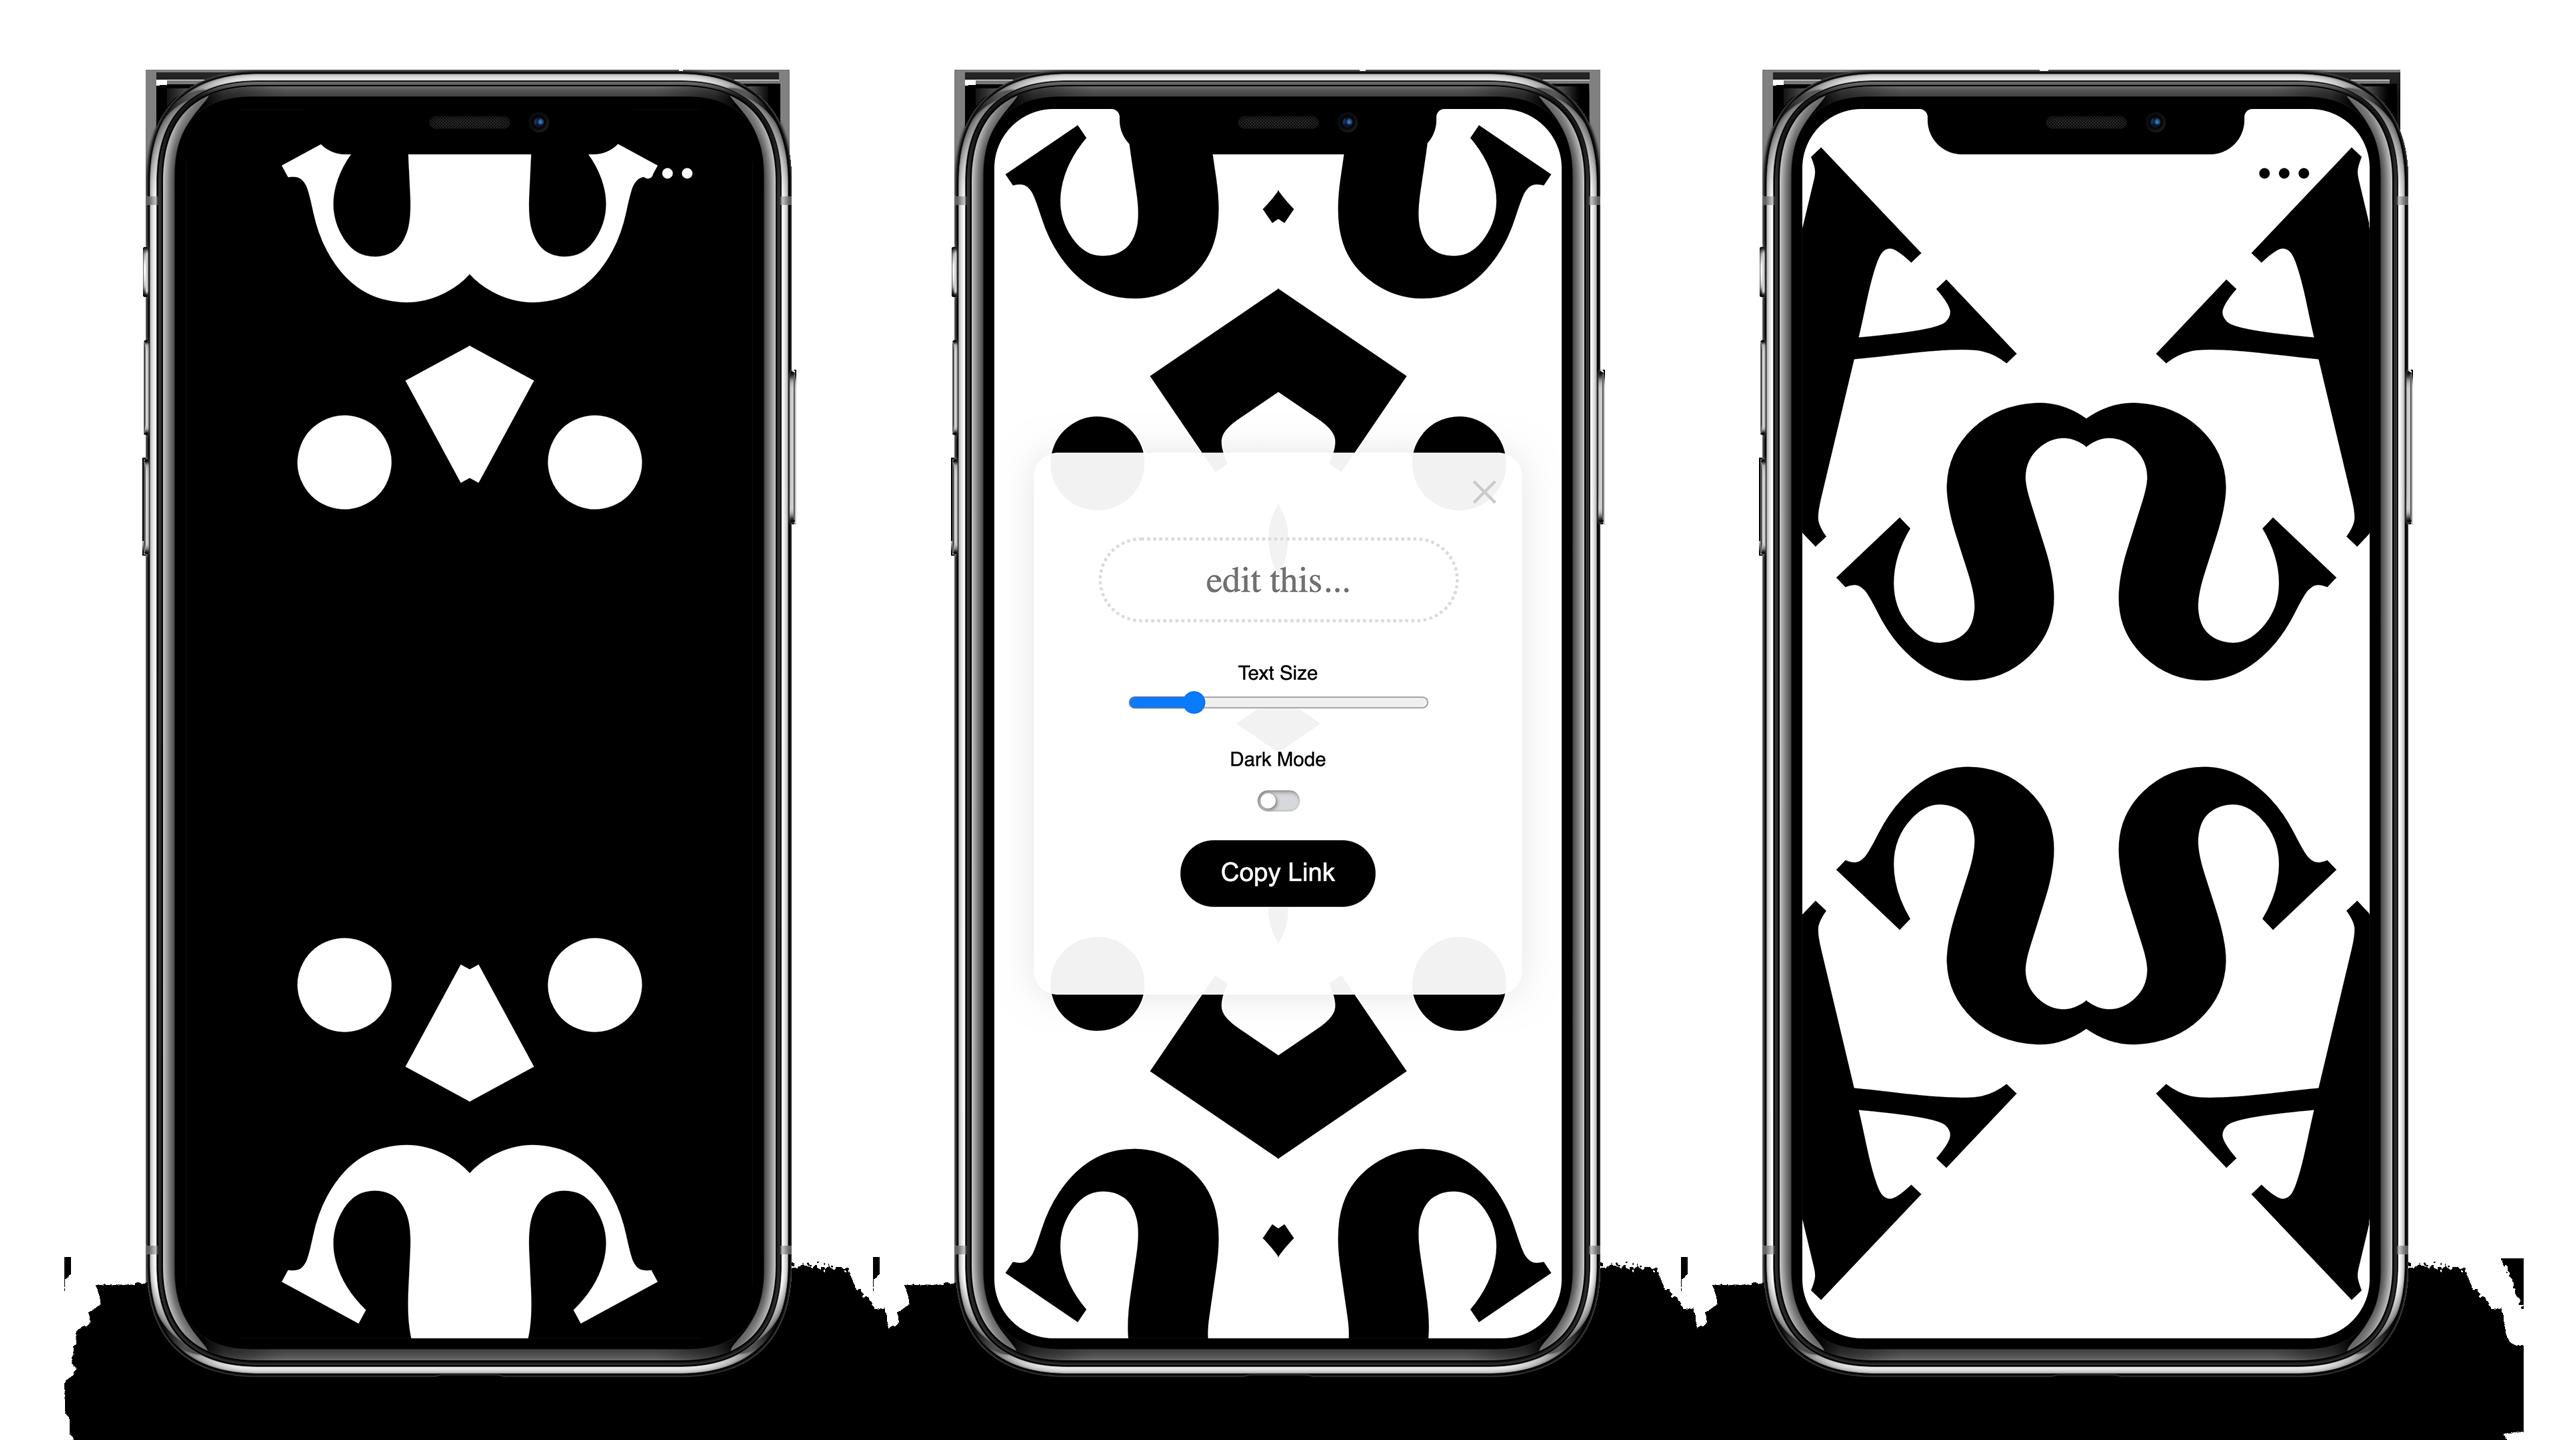 Kaleidotext App